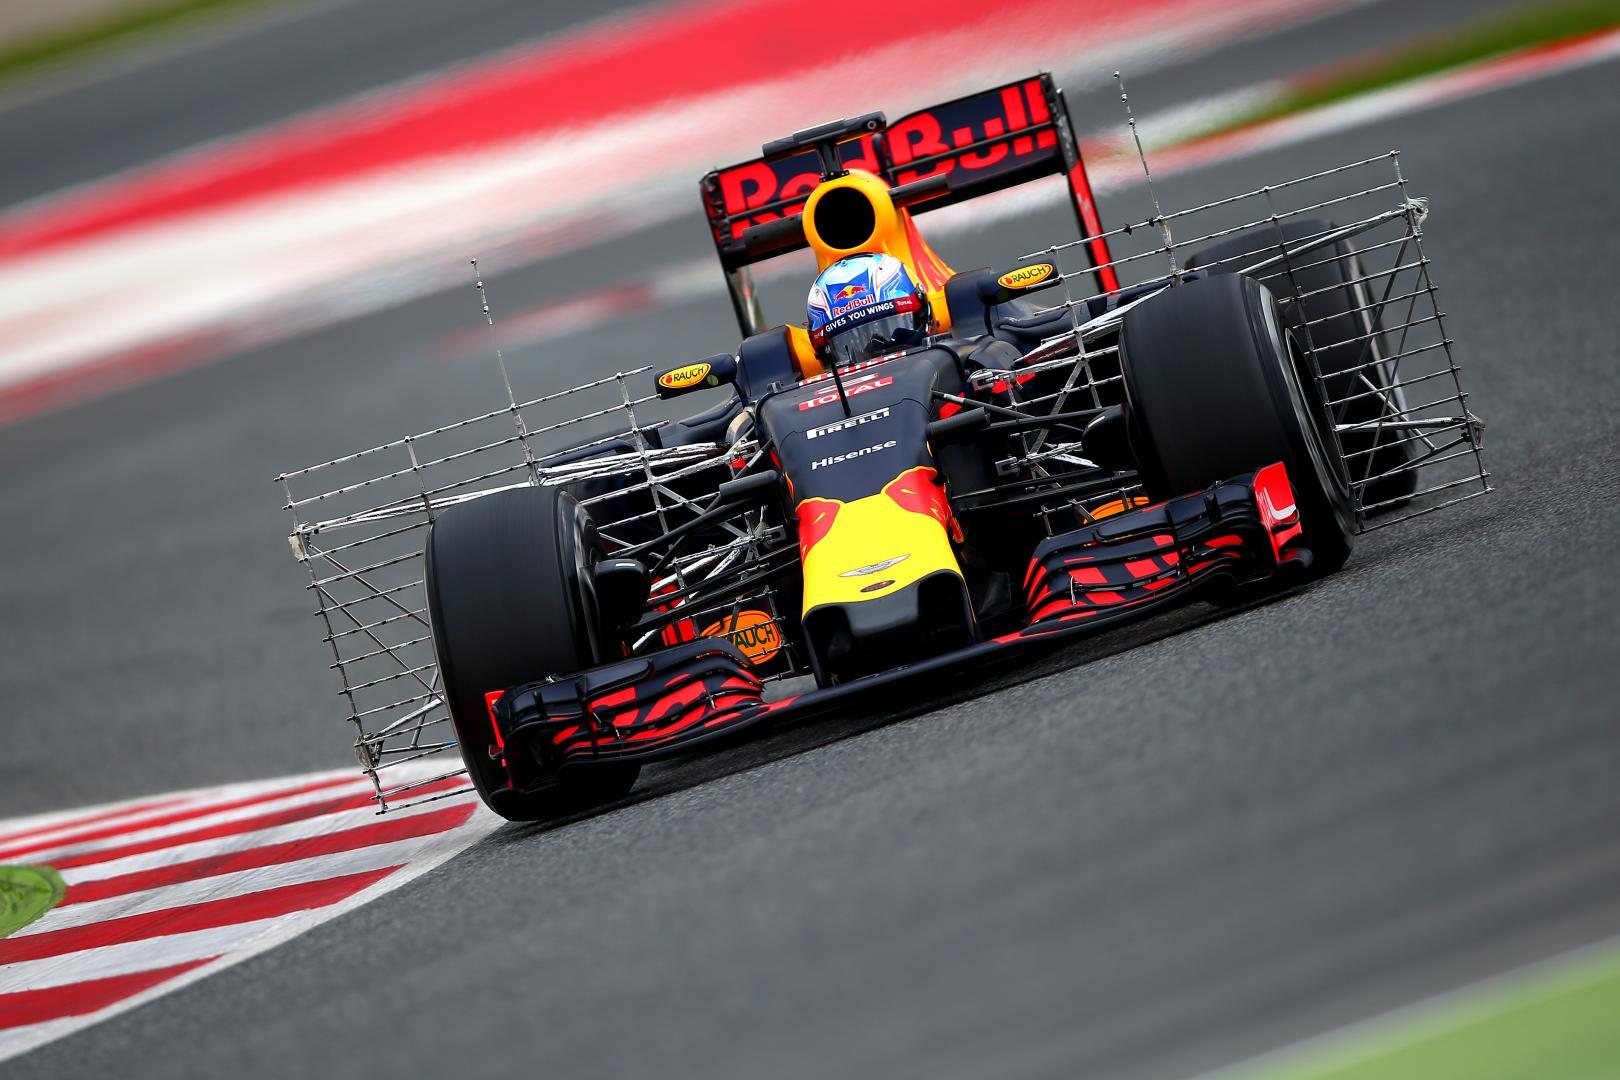 Max Verstappen Krijgt Misschien Snellere Motor Voor Monaco